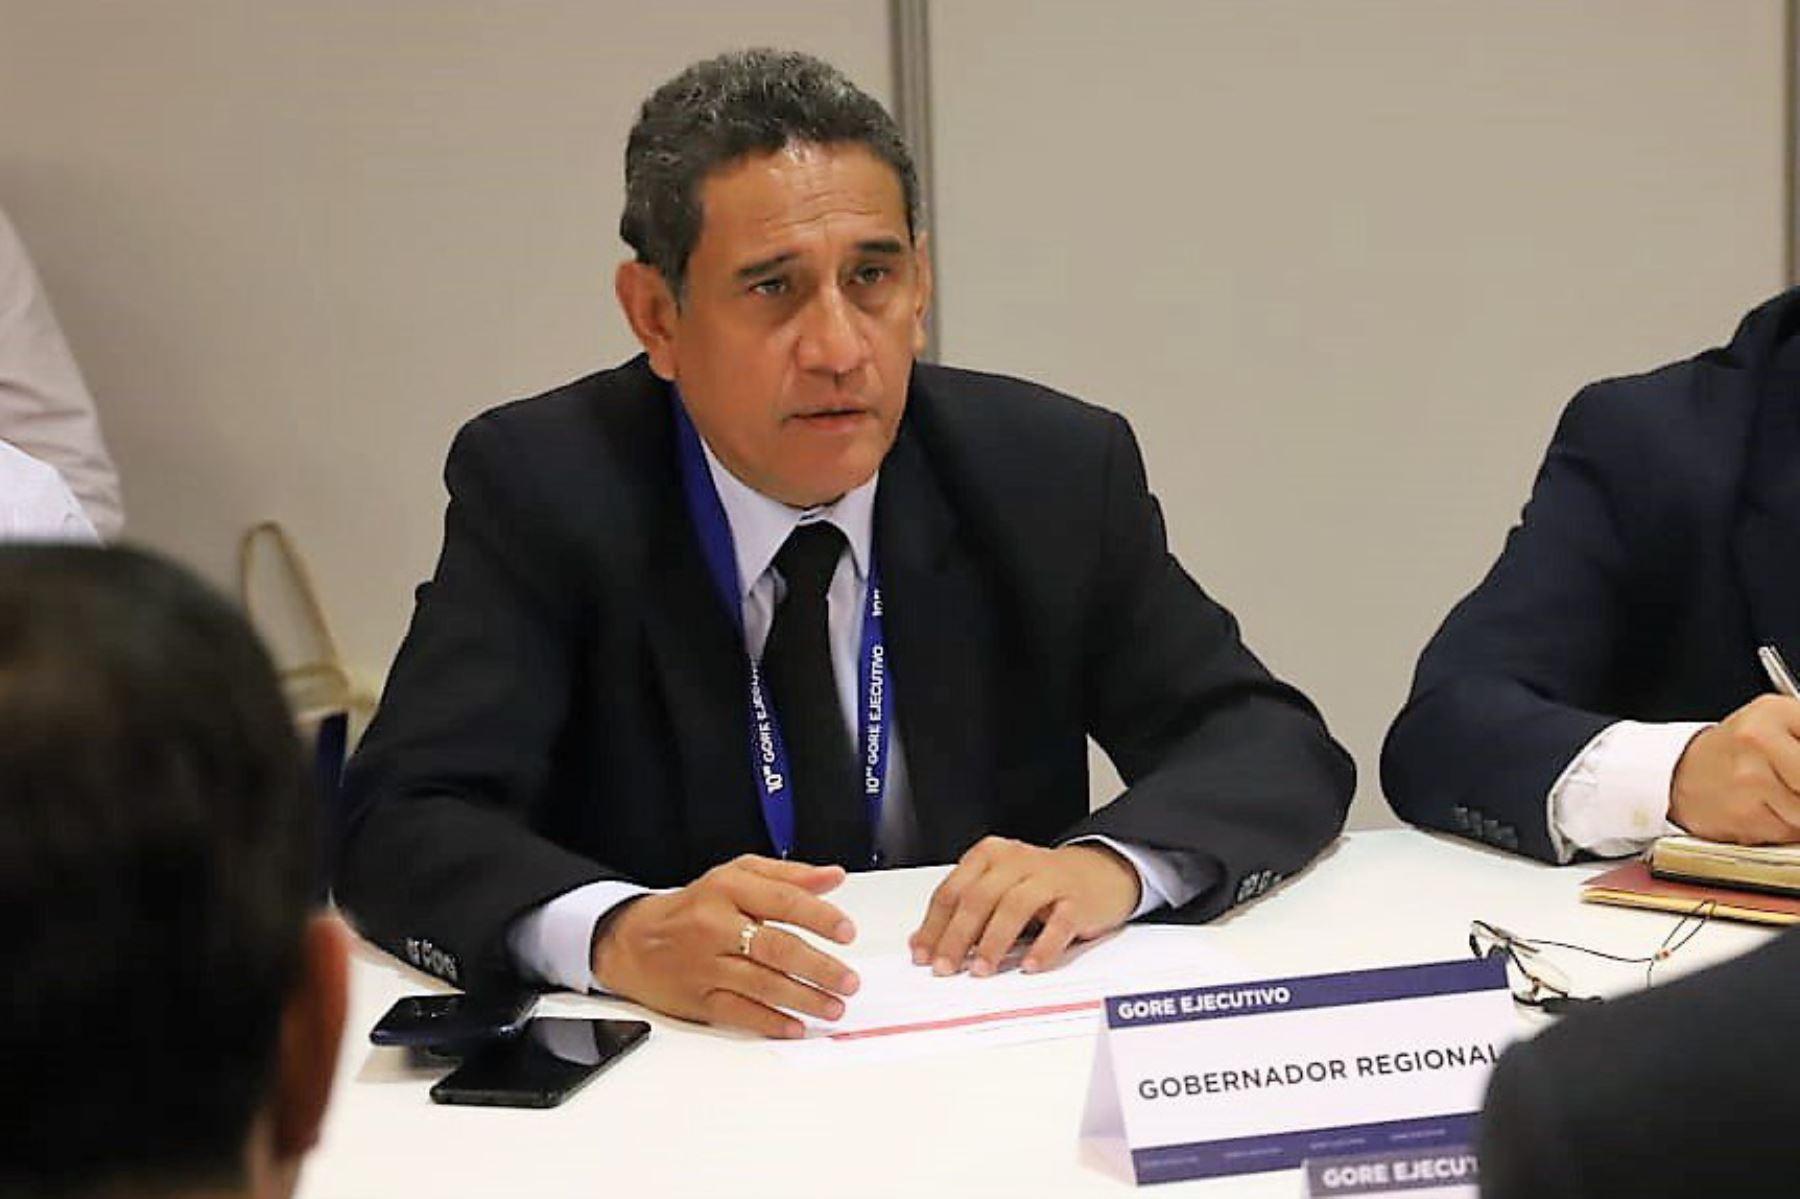 Gobernador de Cajamarca, Mesías Guevara, solicita que prime el diálogo en proyecto Tía María. ANDINA/Difusión